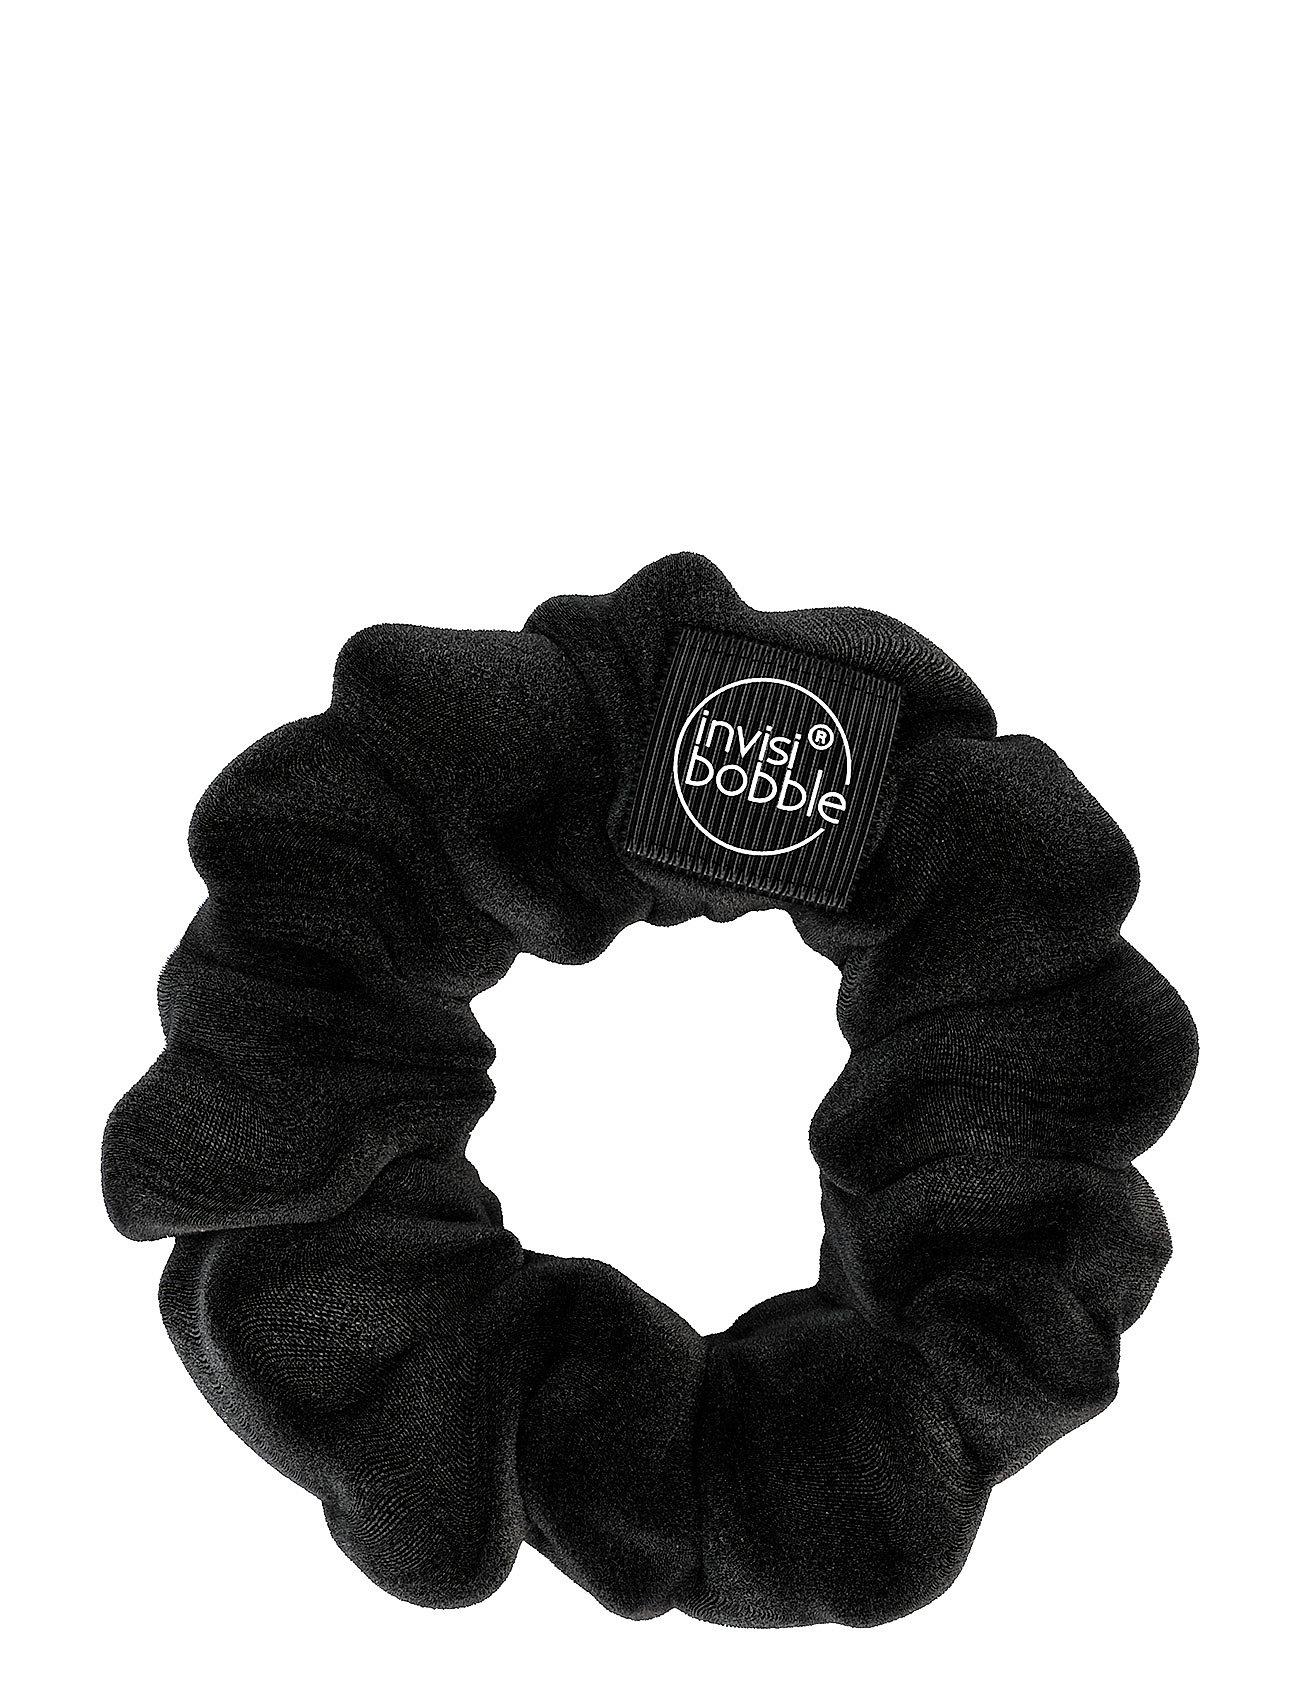 Image of Invisibobble Sprunchie True Black Accessories Hair Hair Accessories Sort Invisibobble (3506698233)